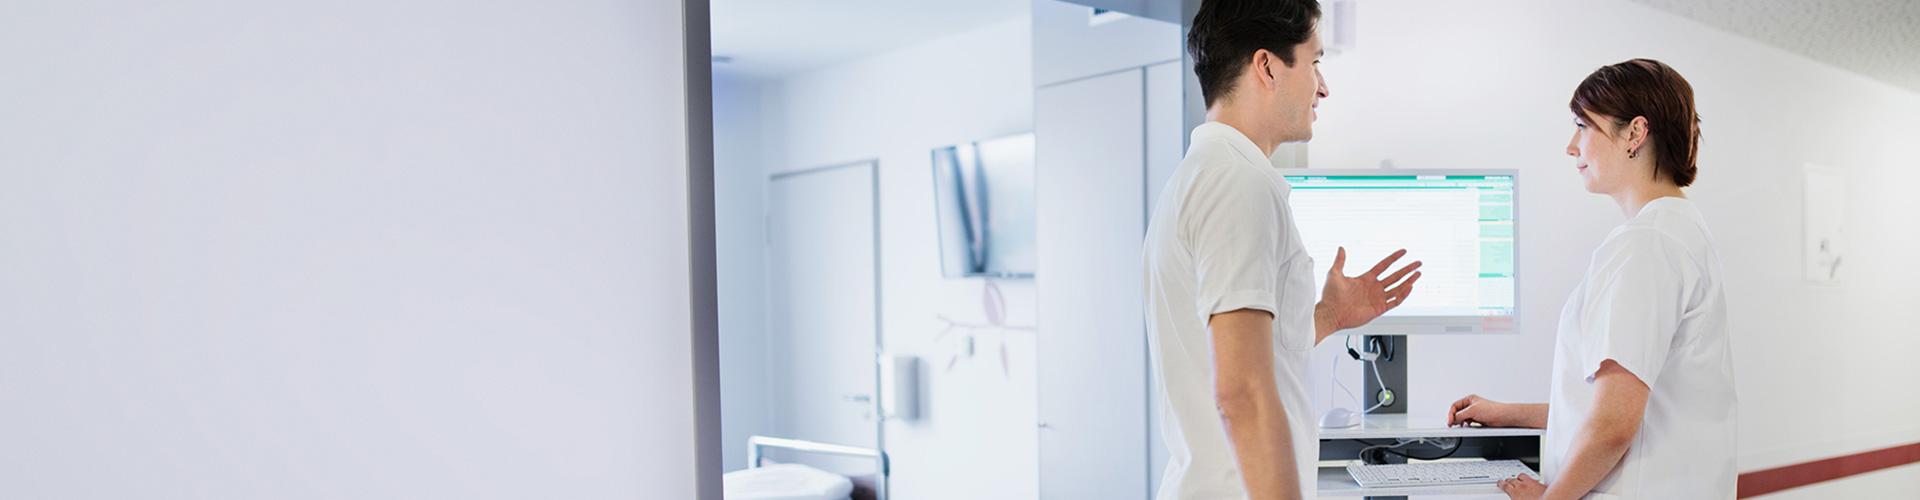 Ein Arzt spricht mit einer Krankenschwester auf dem Flur